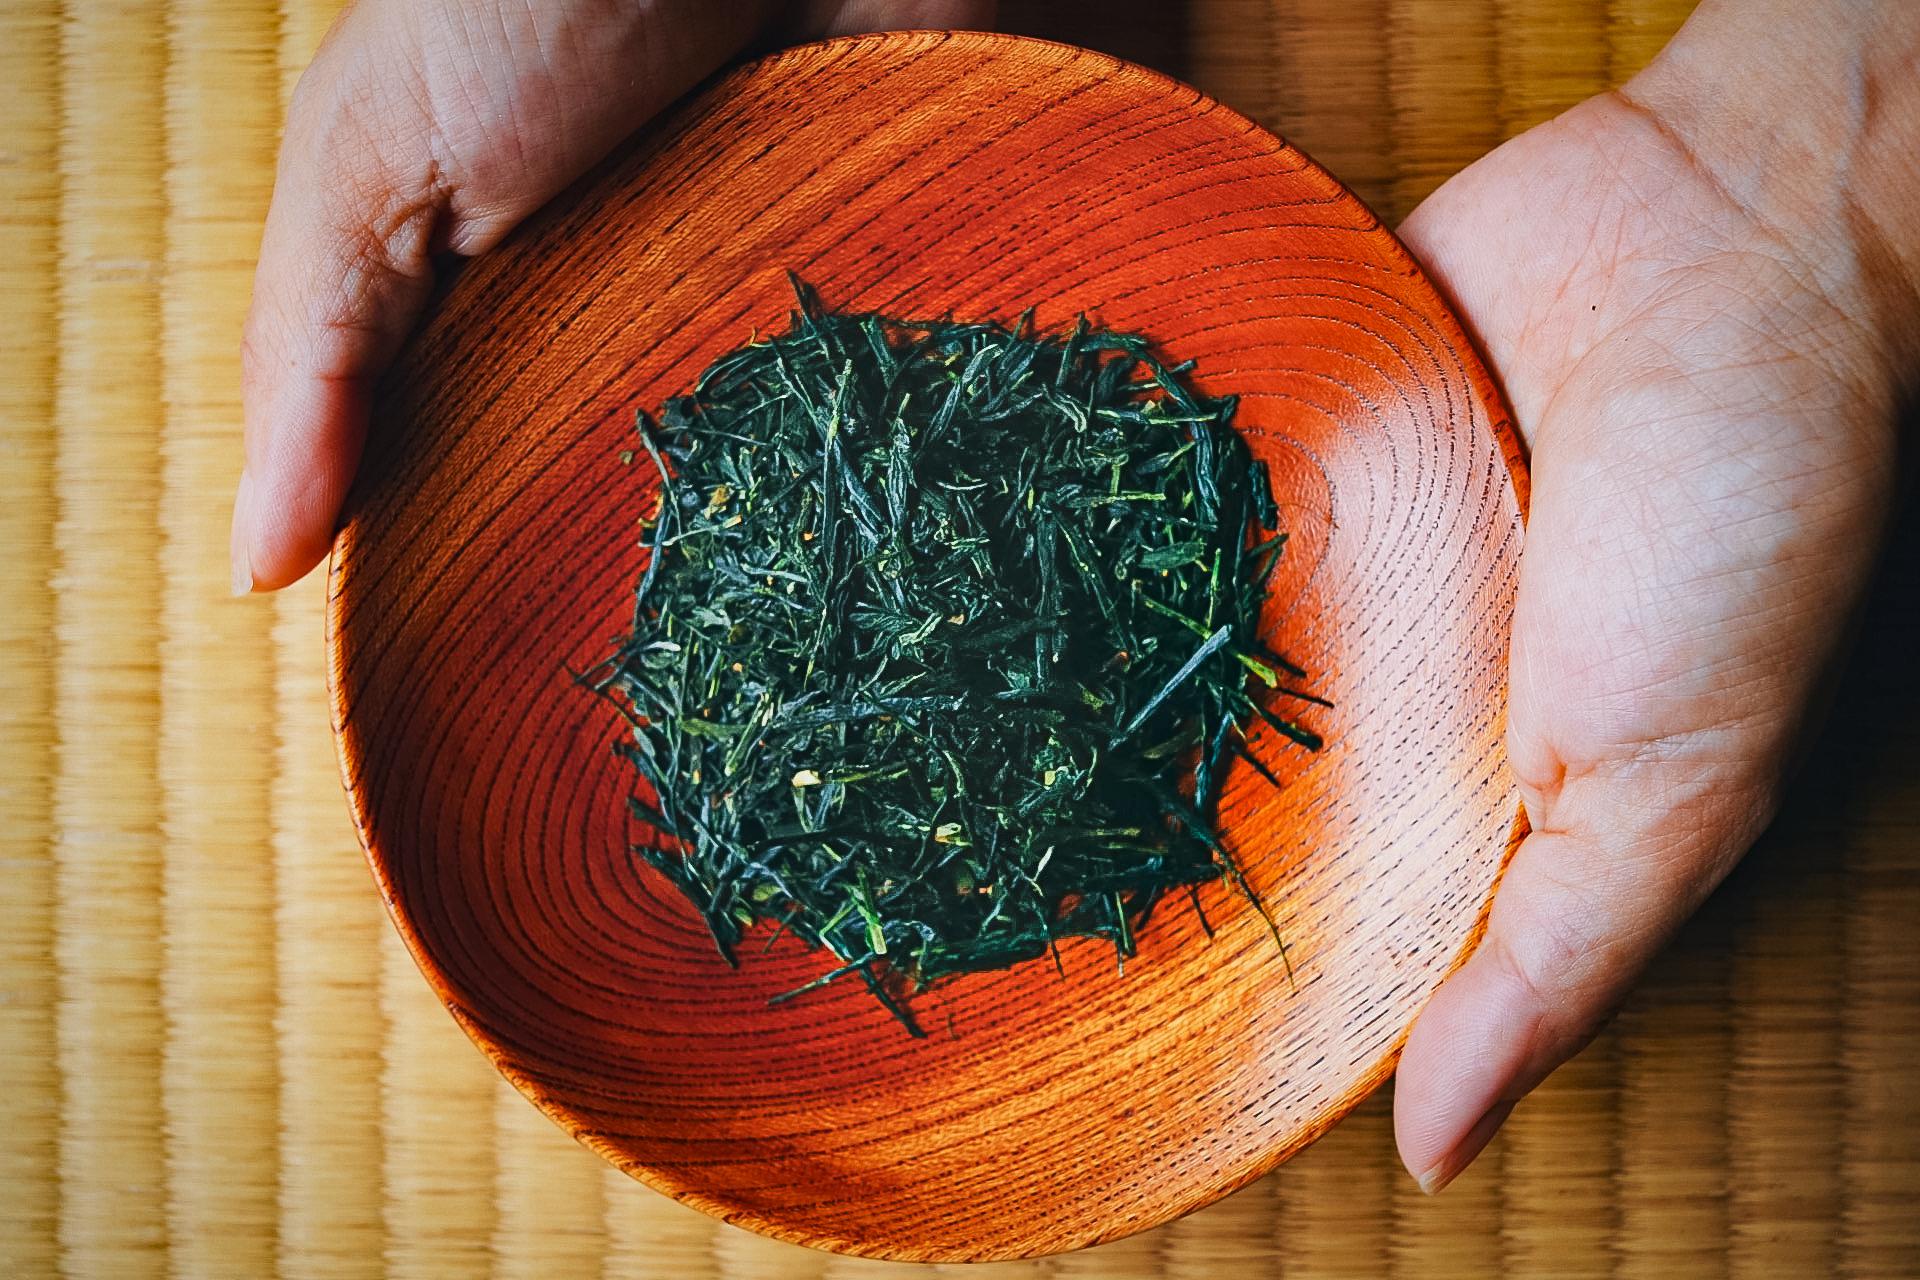 知っておきたい!お茶を美味しく保存するポイント!